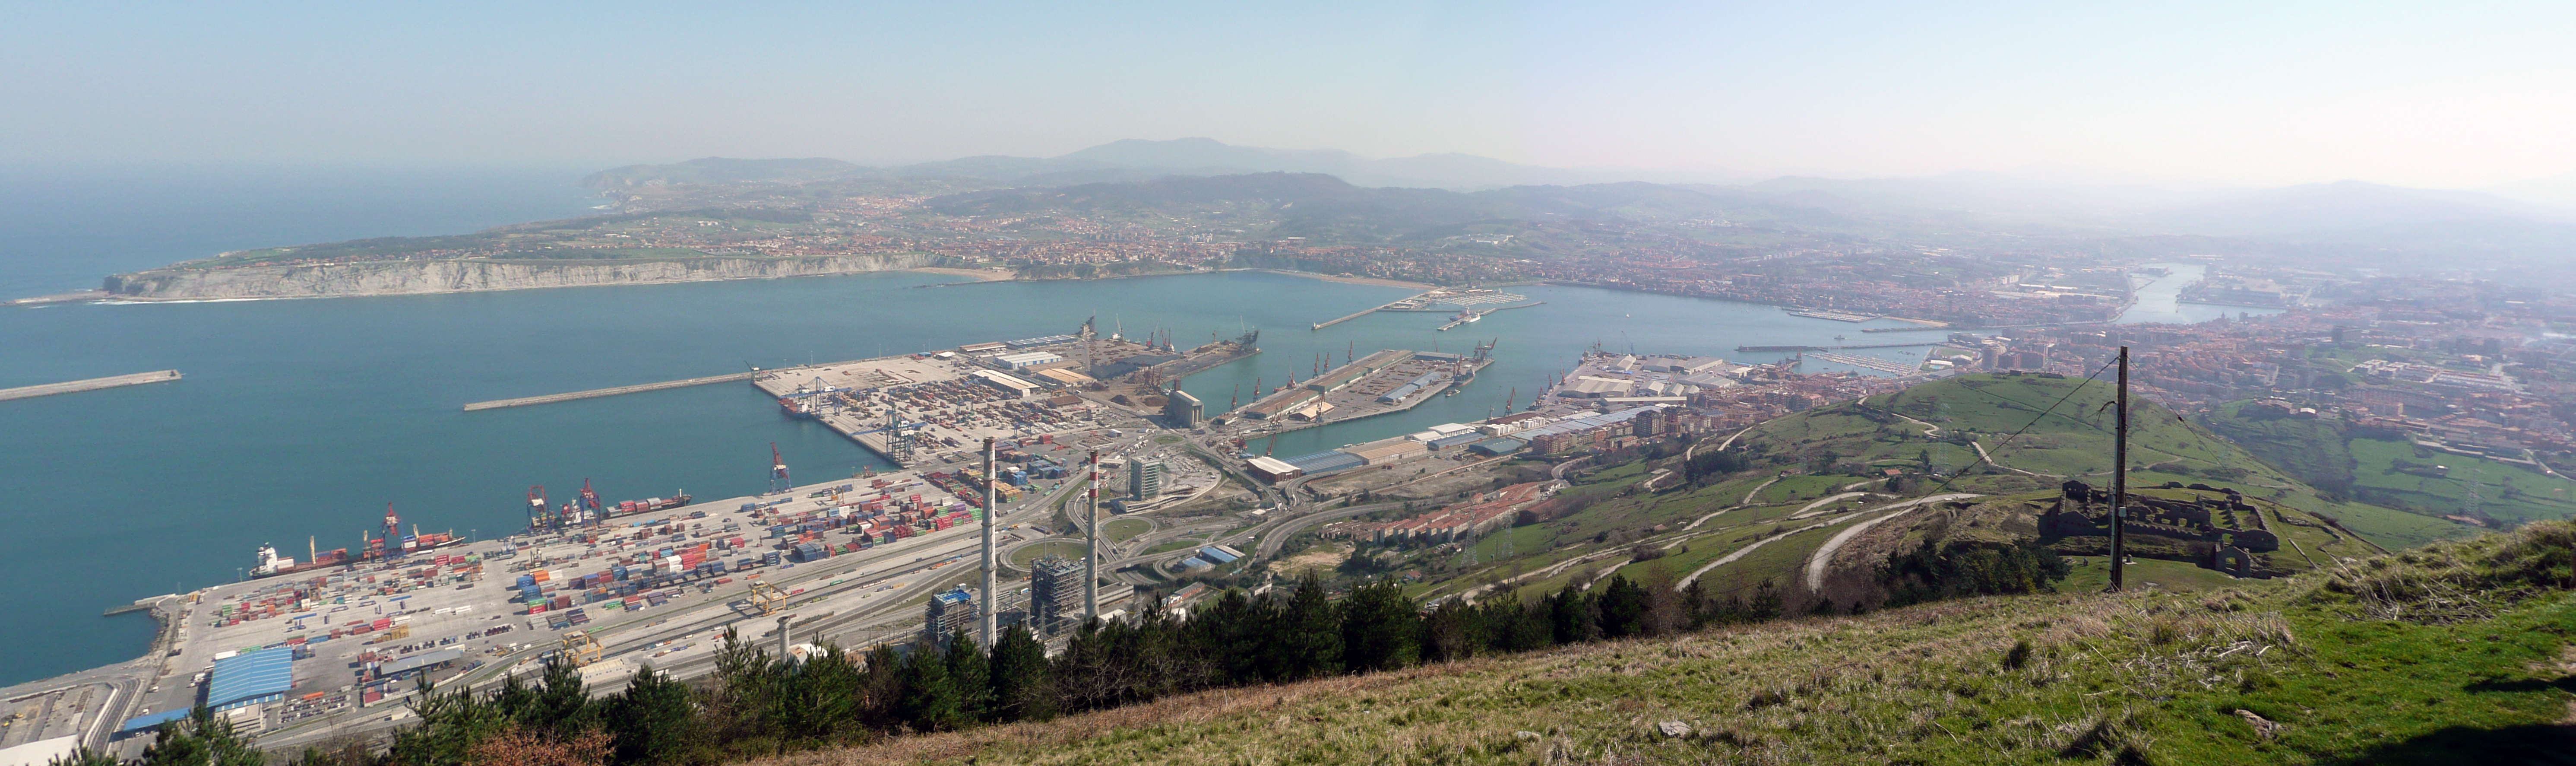 Serantes Panoramica.jpg